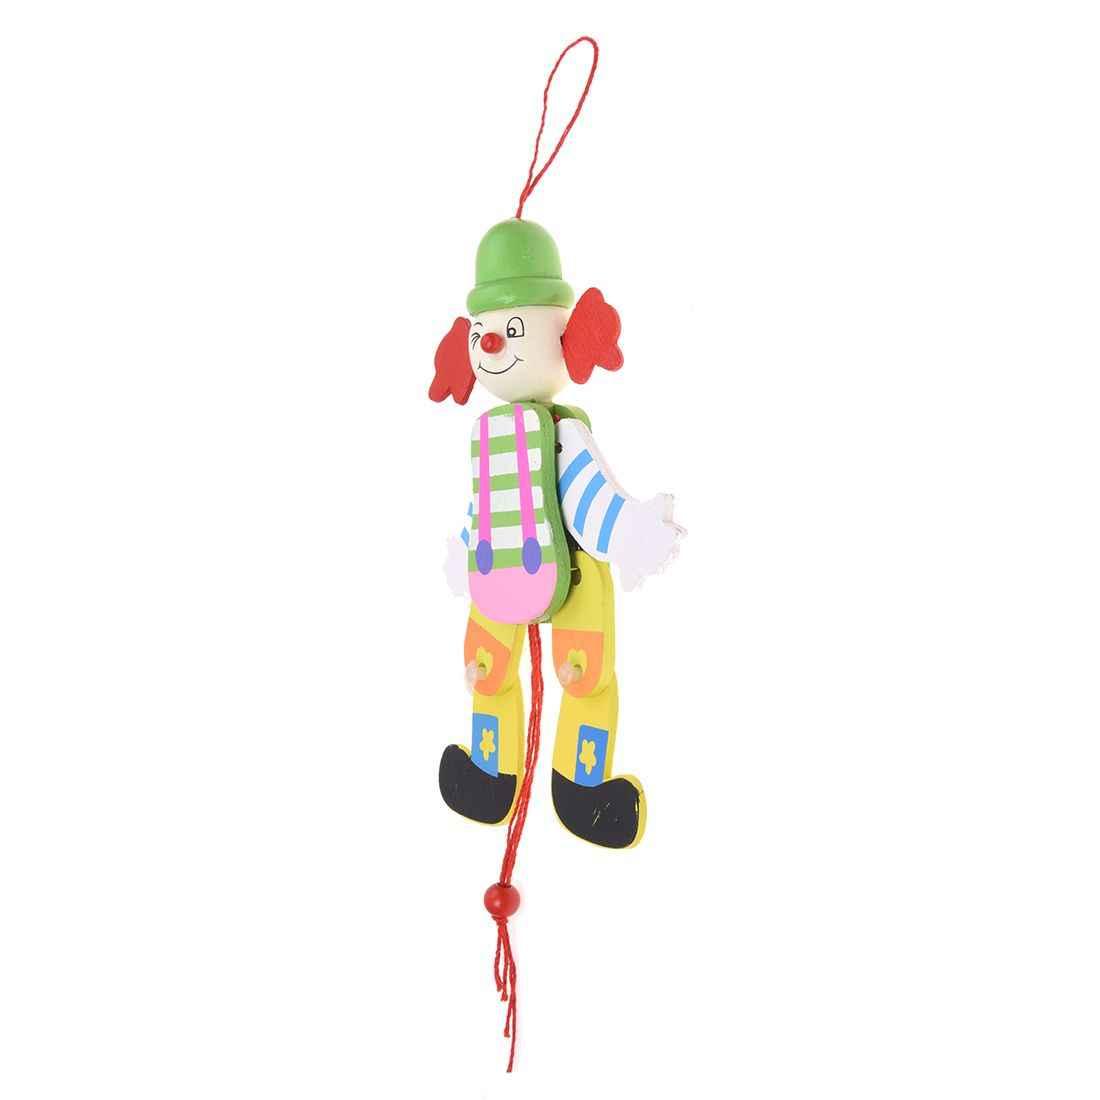 سلسلة سحب خشبية للمهرج لعبة أذرع الأرجل تصعد وتهبط للأطفال-لون عشوائي